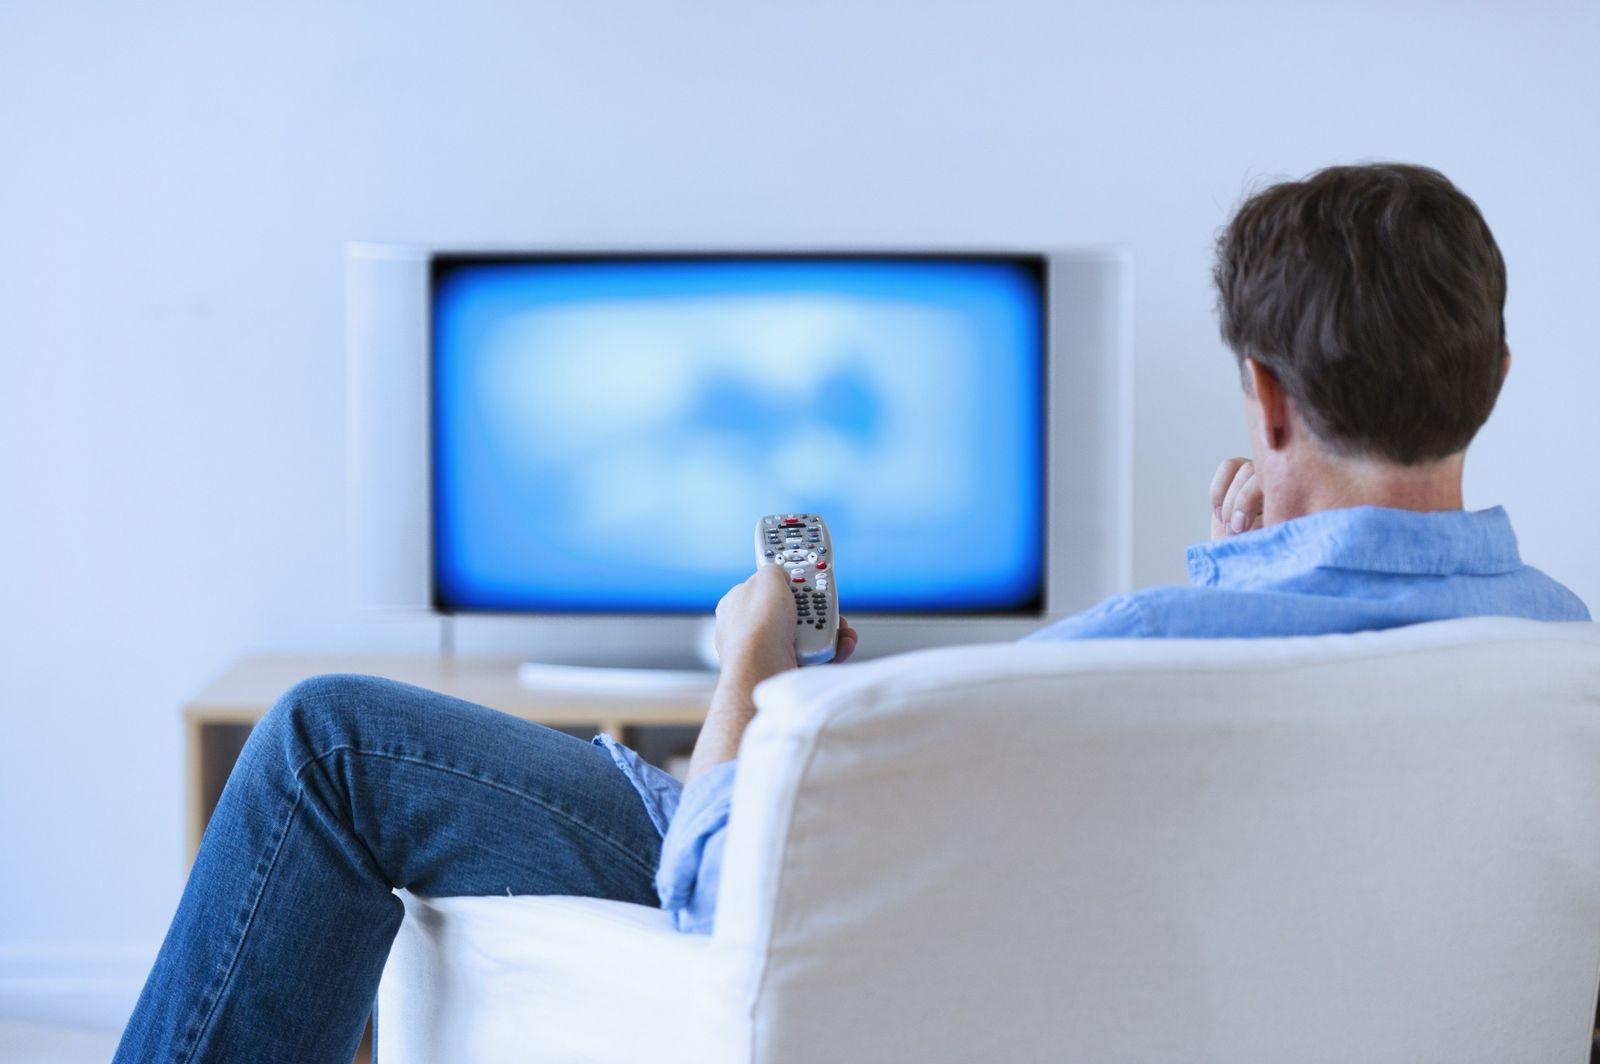 NICHT MEHR VERWENDEN! - Fernsehen / TV